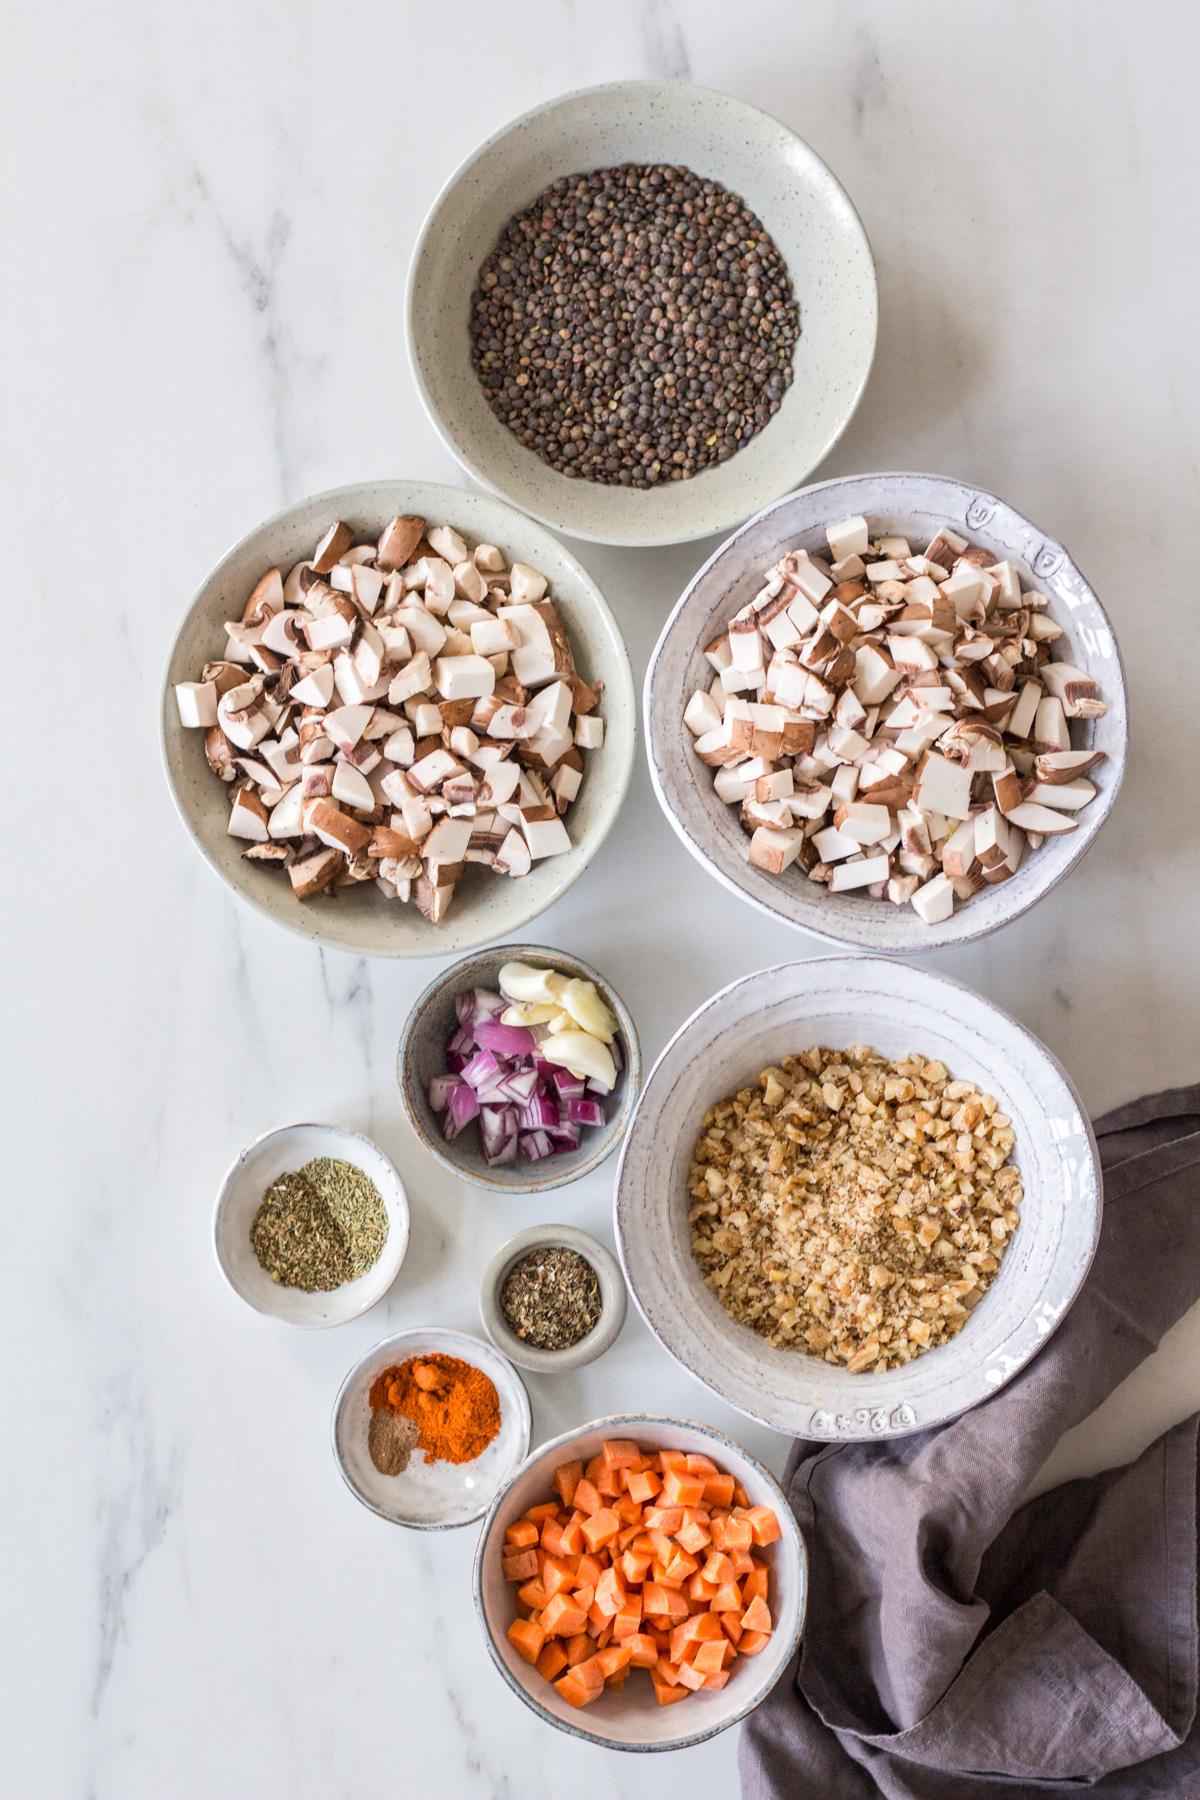 Fleischlose Bolognese – rein pflanzlich, vegan, glutenfrei, ohne raffinierten Zucker - de.heavenlynnhealthy.com